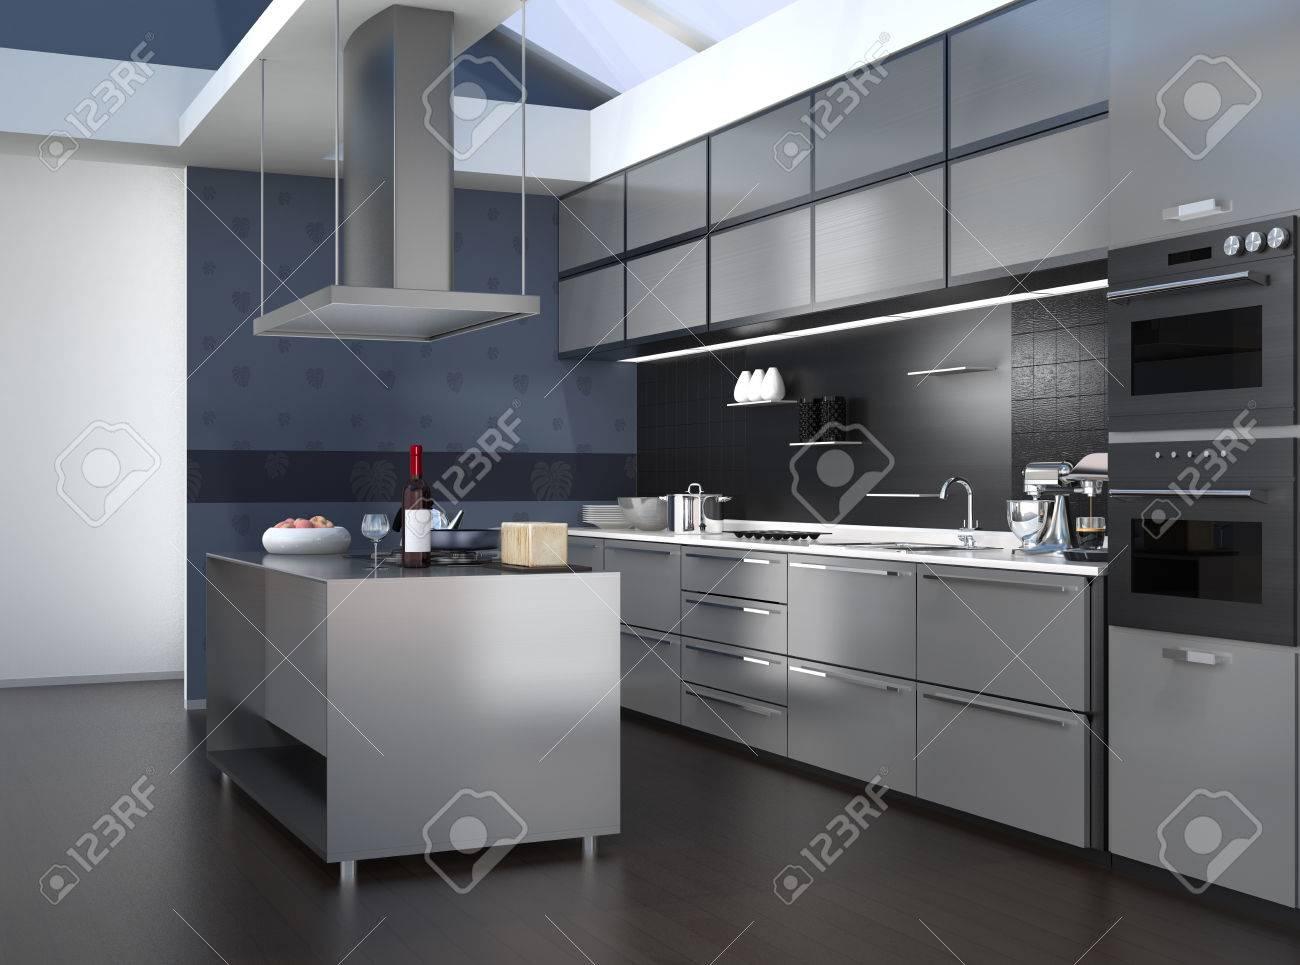 La Cocina Moderna | Interior De La Cocina Moderna Con Electrodomesticos Inteligentes